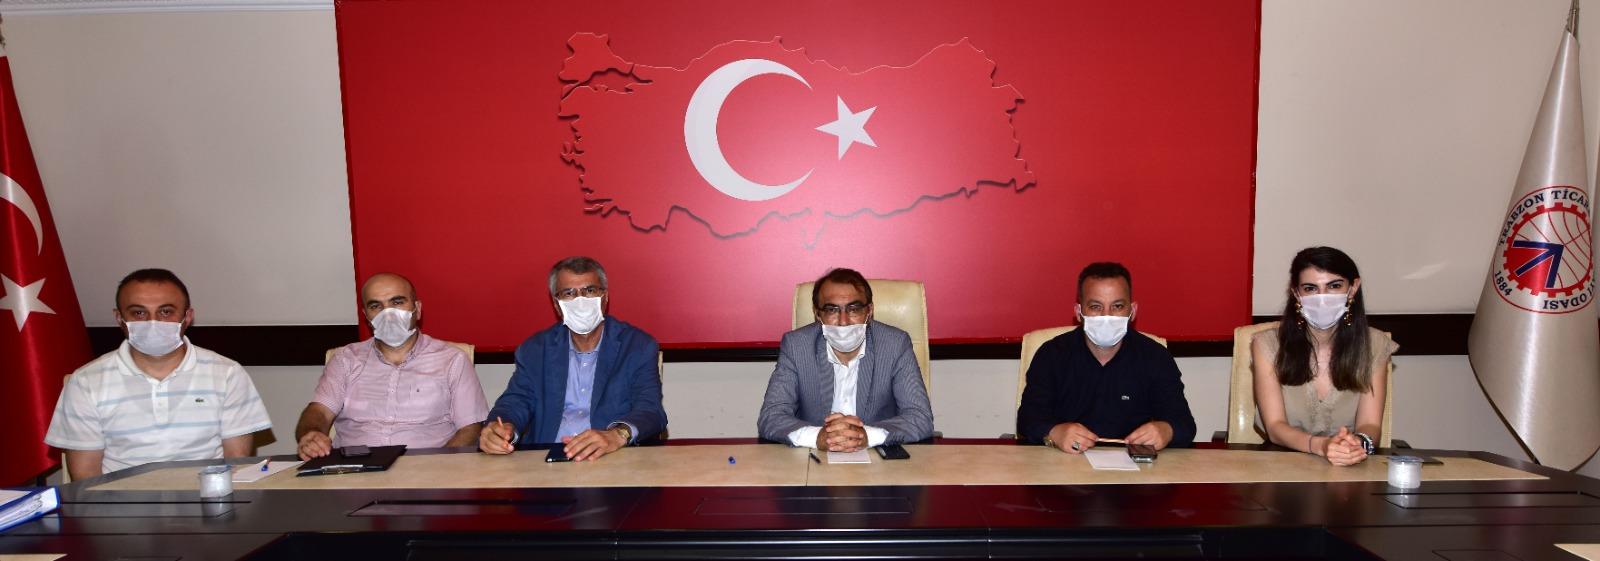 MEGIP İl Çalışma Grubu Aylık Toplantısı Yapıldı